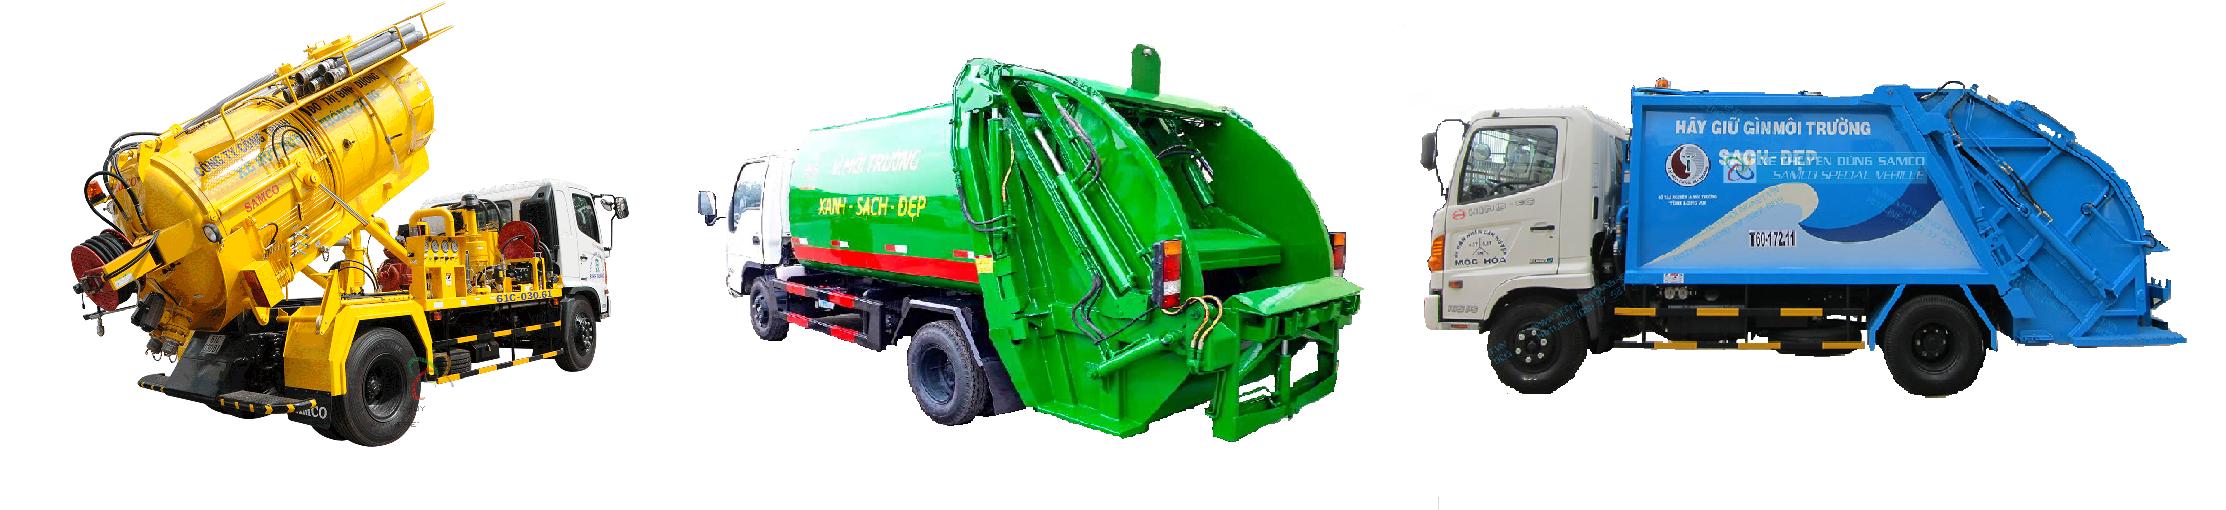 Giá xe ép chở rác